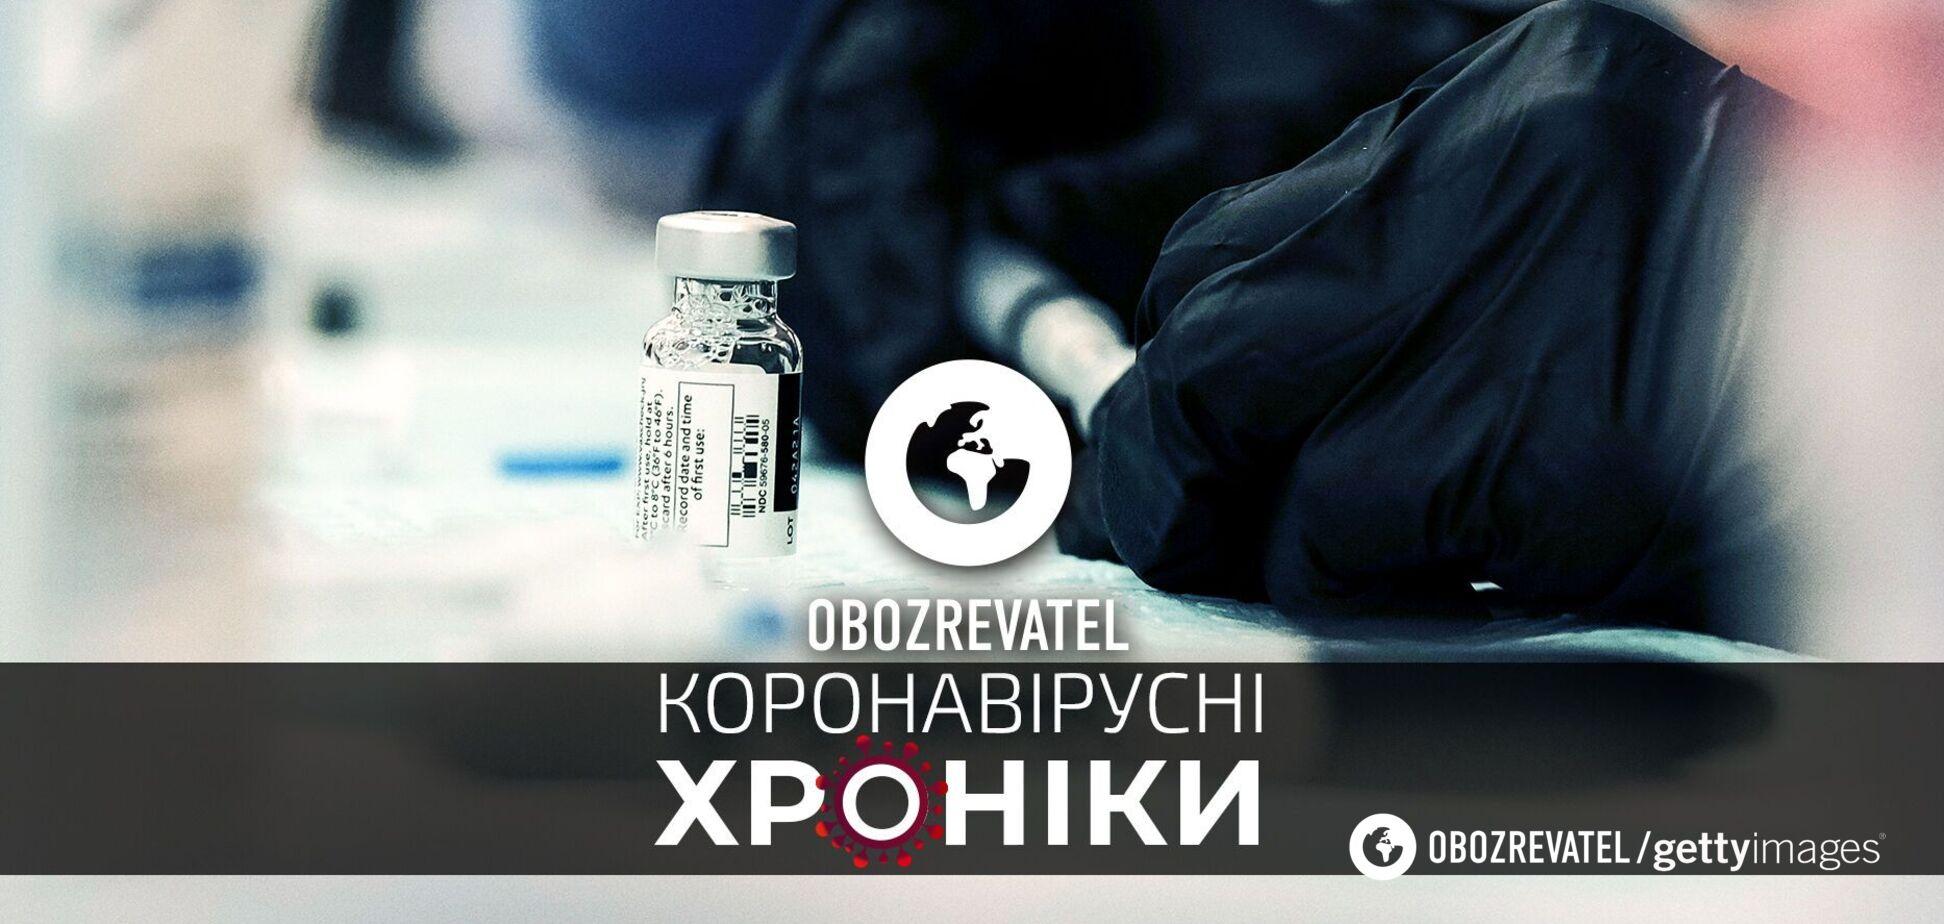 Побочные эффекты Johnson & Johnson, строгий карантин в Польше и вакцинация в Германии – коронавирусные хроники